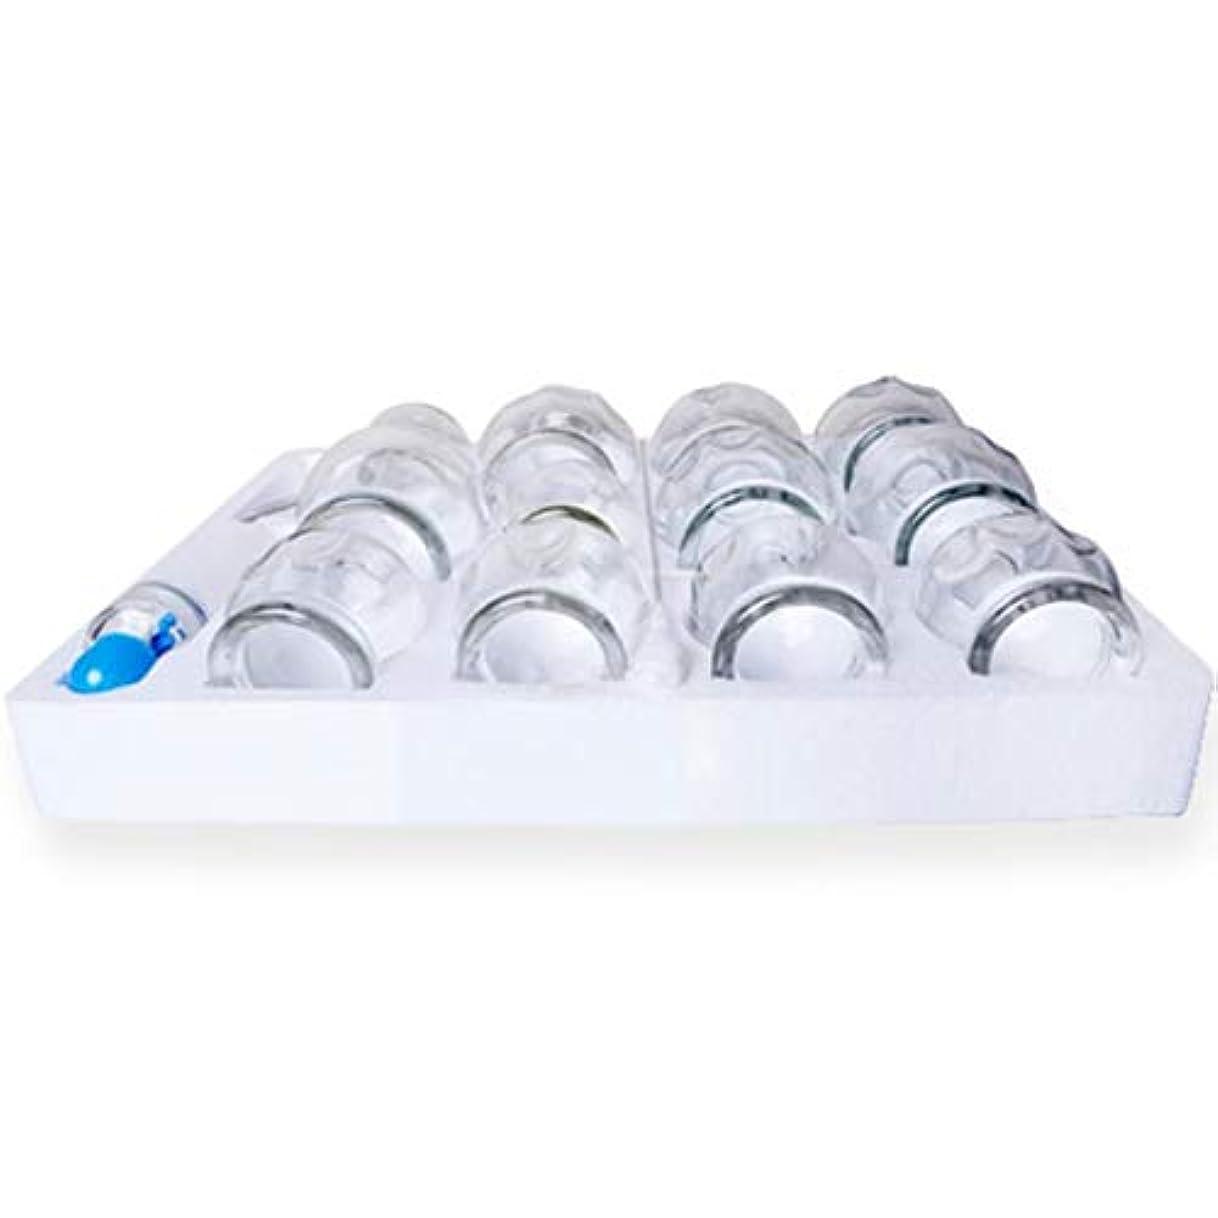 全員欠かせないレシピフィンガーグリップ付きガラス火災カッピングジャー8,12,16個厚いガラスカッピングセット(アルコールを除きます) (Size : 12pcs)